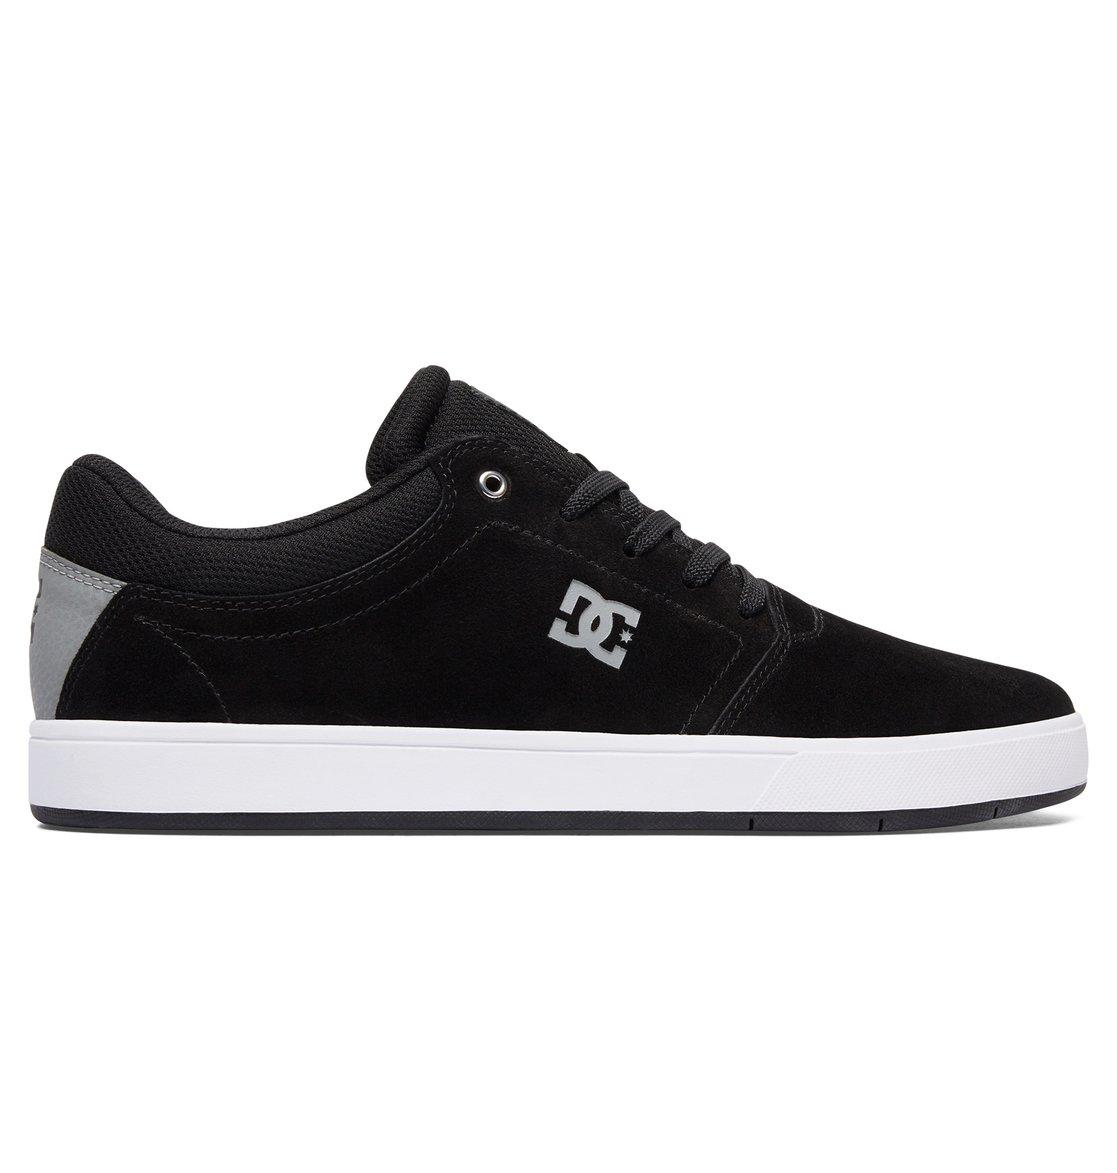 high top dc shoes for men. dc-shoes-men-039-s-crisis-shoes-adys100029 high top dc shoes for men